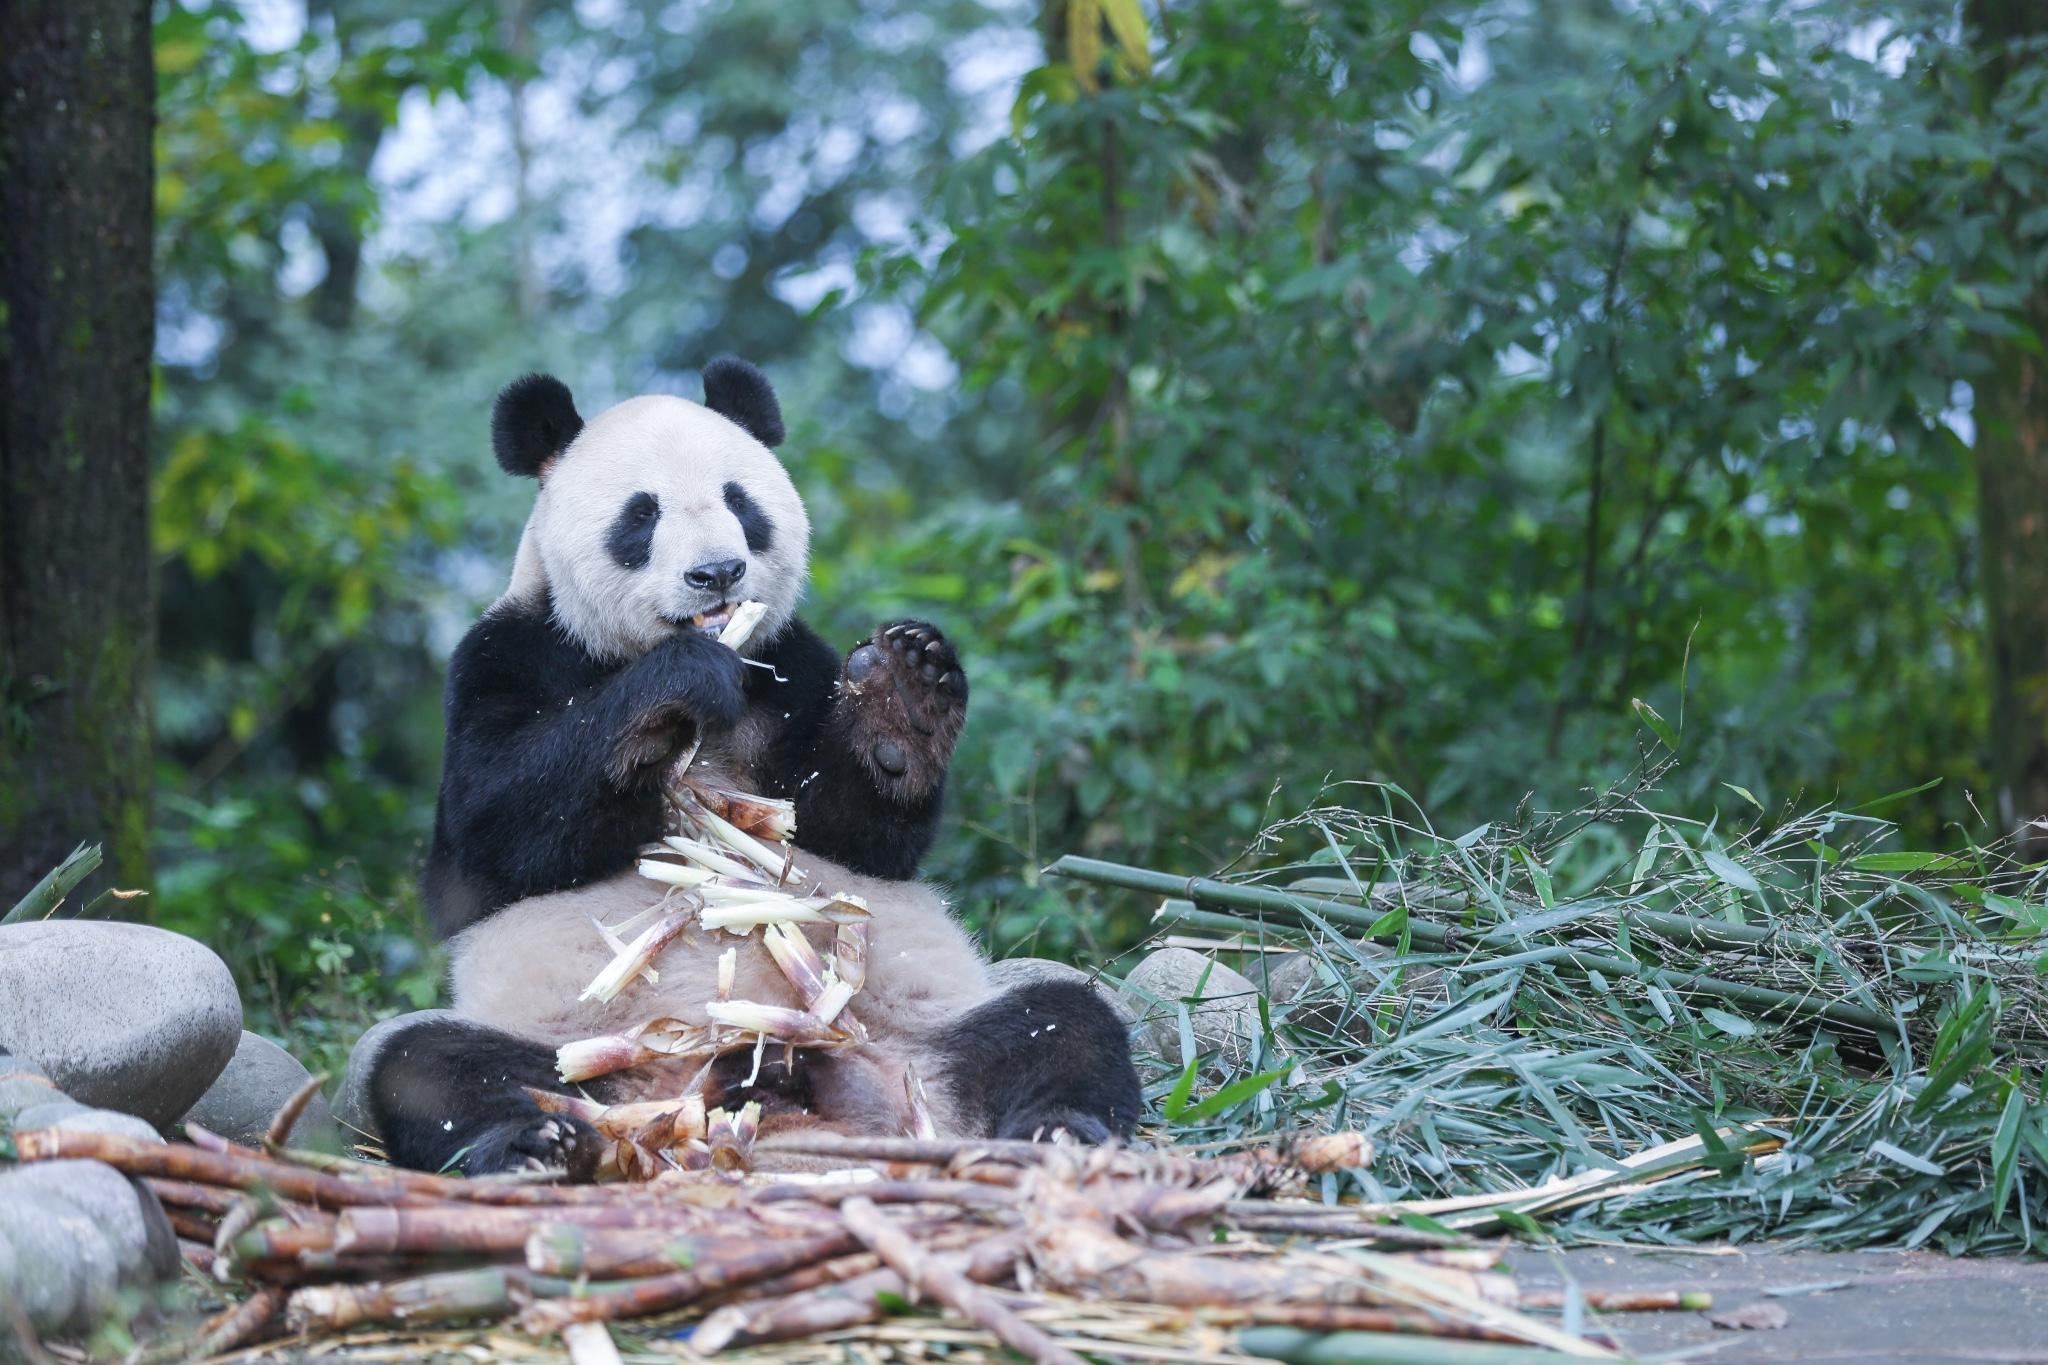 YaAn BiFengXia Panda Base